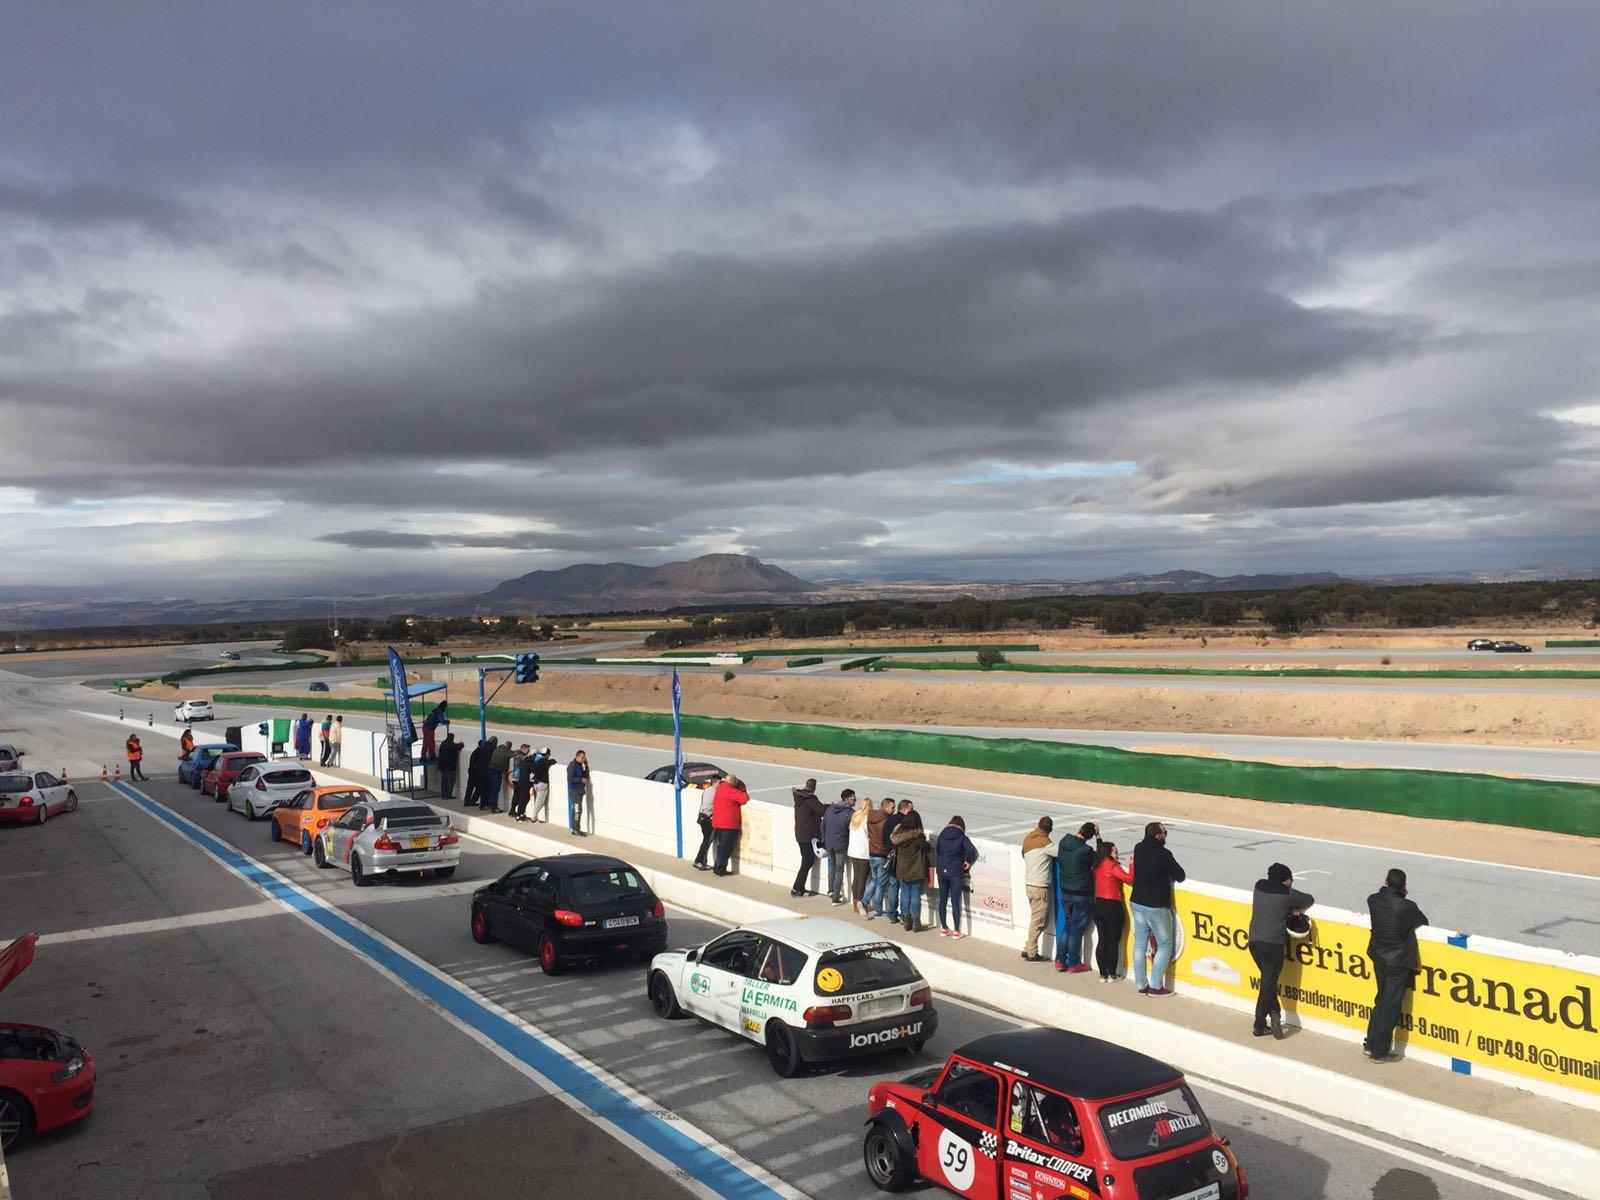 Circuito Guadix : El diario de destino guadix tandas de coches del octanos en